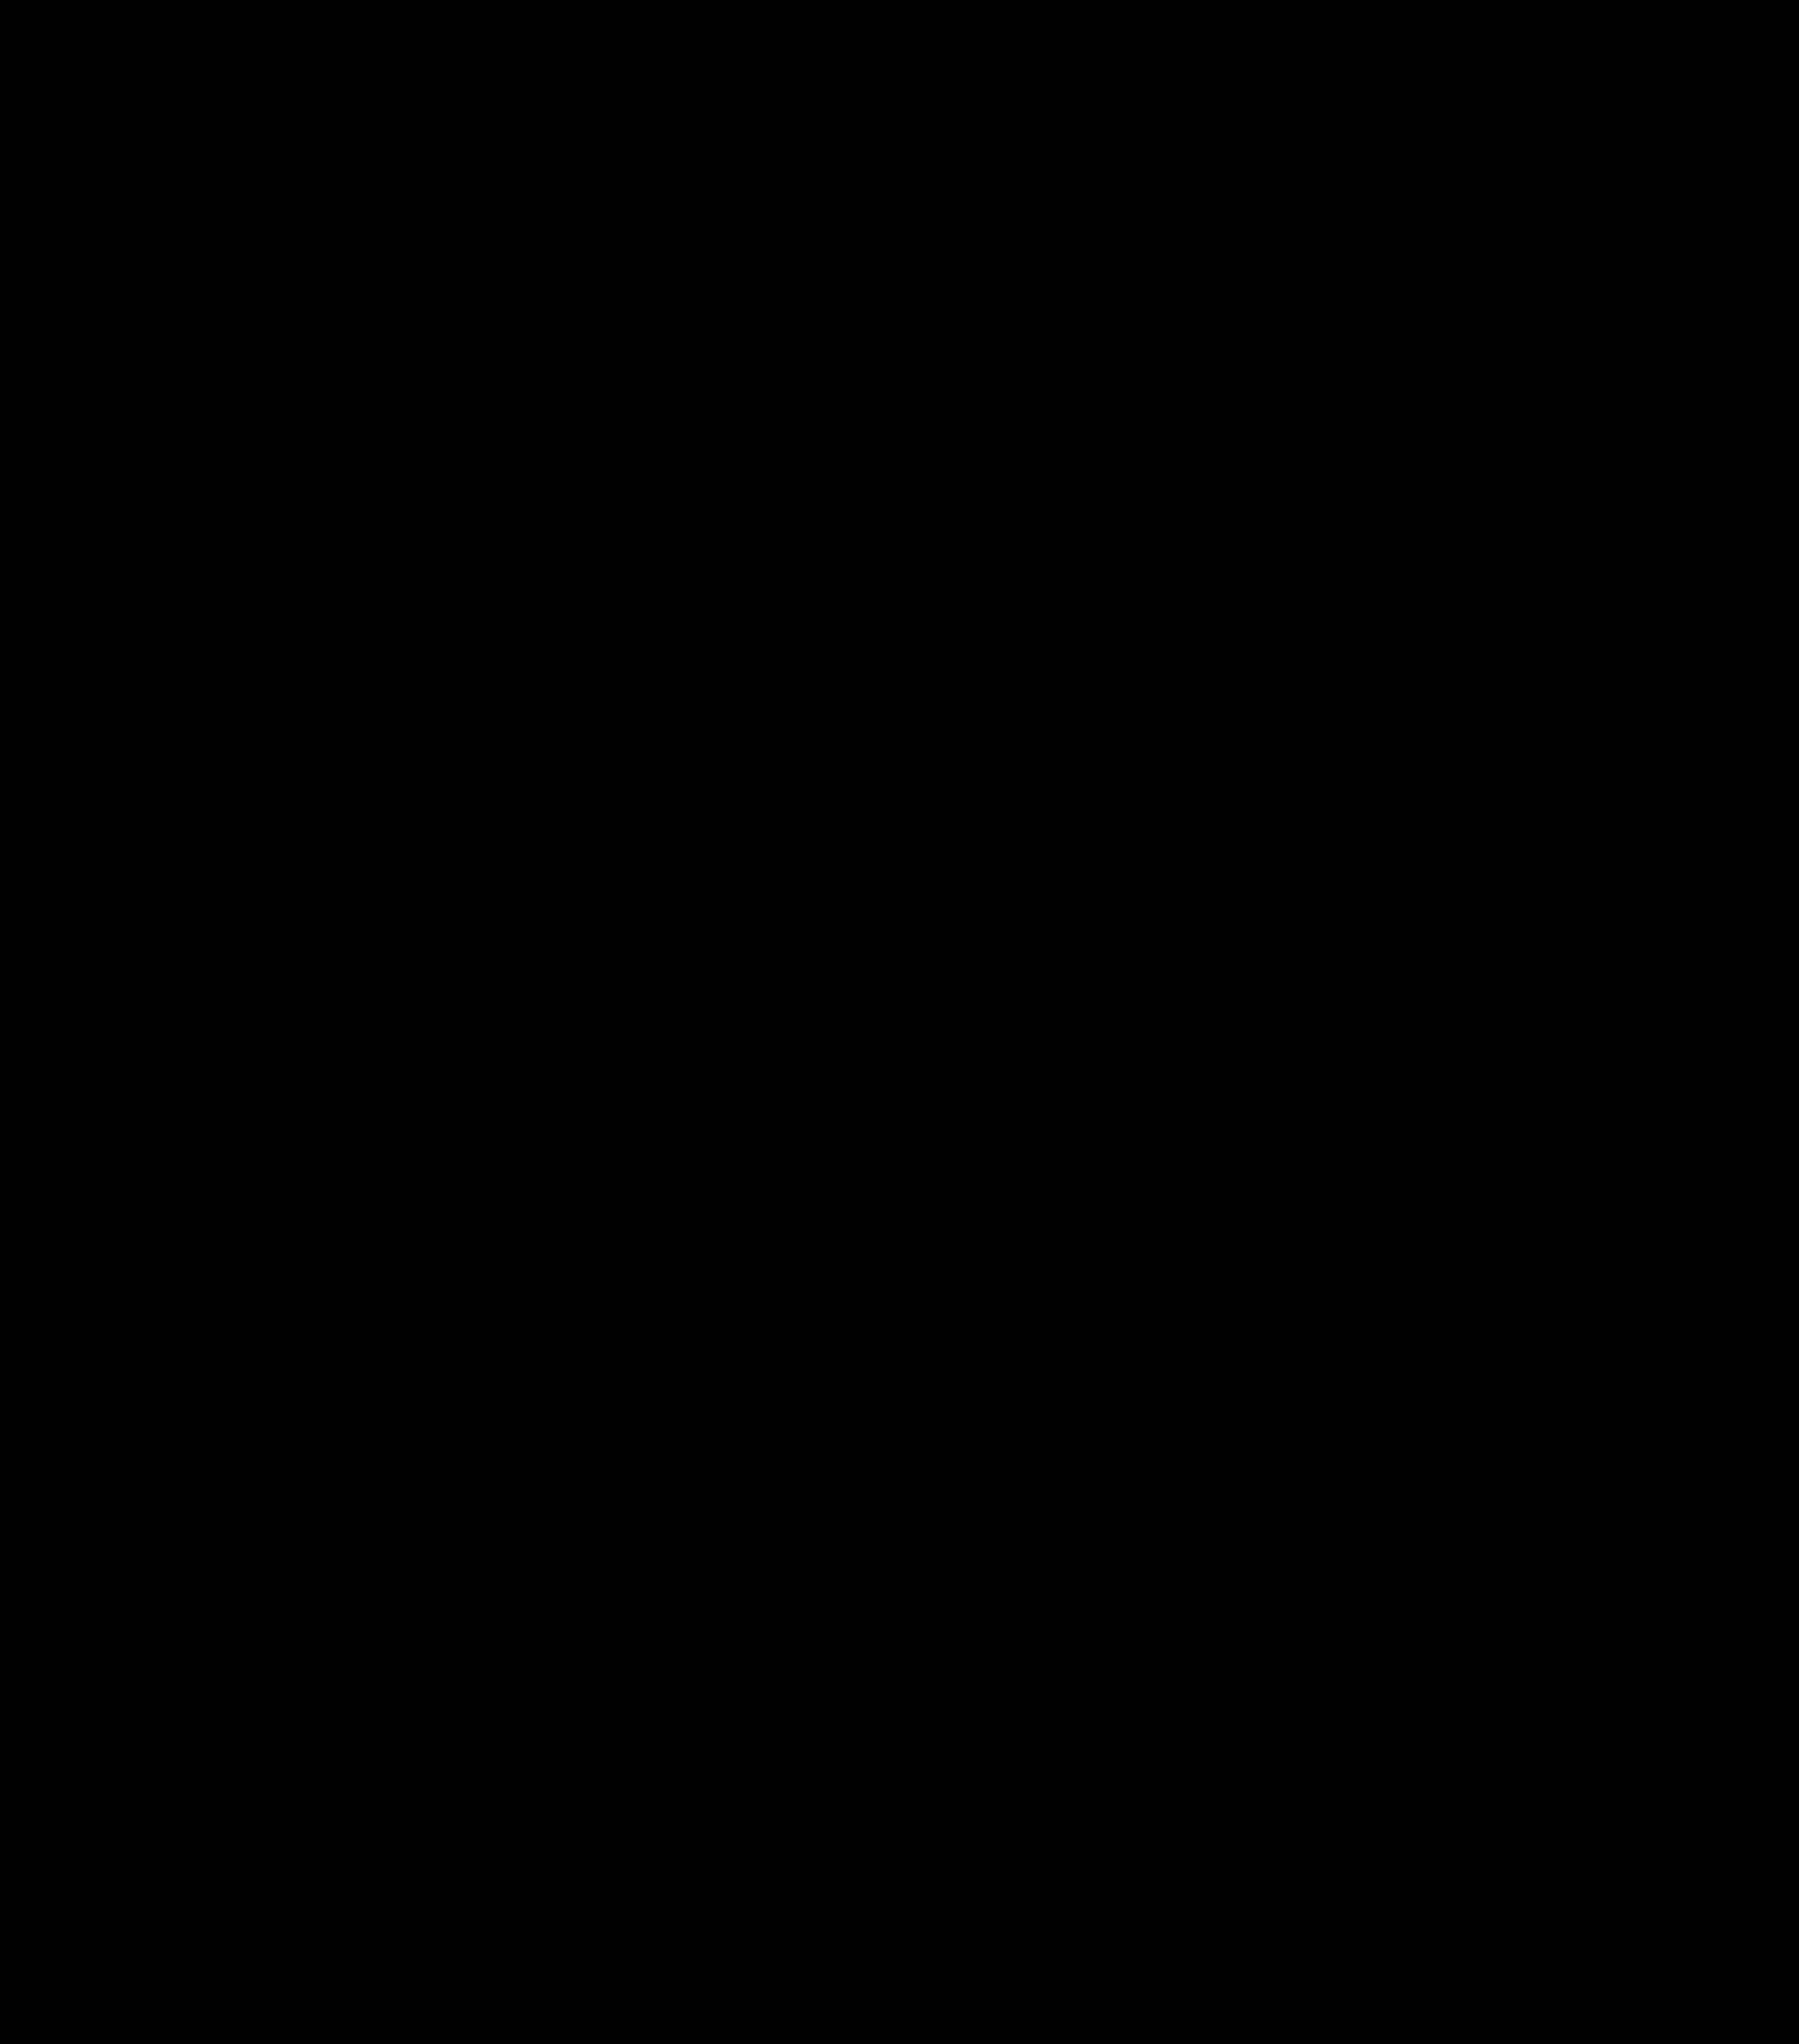 メンバー活動情報(4月)